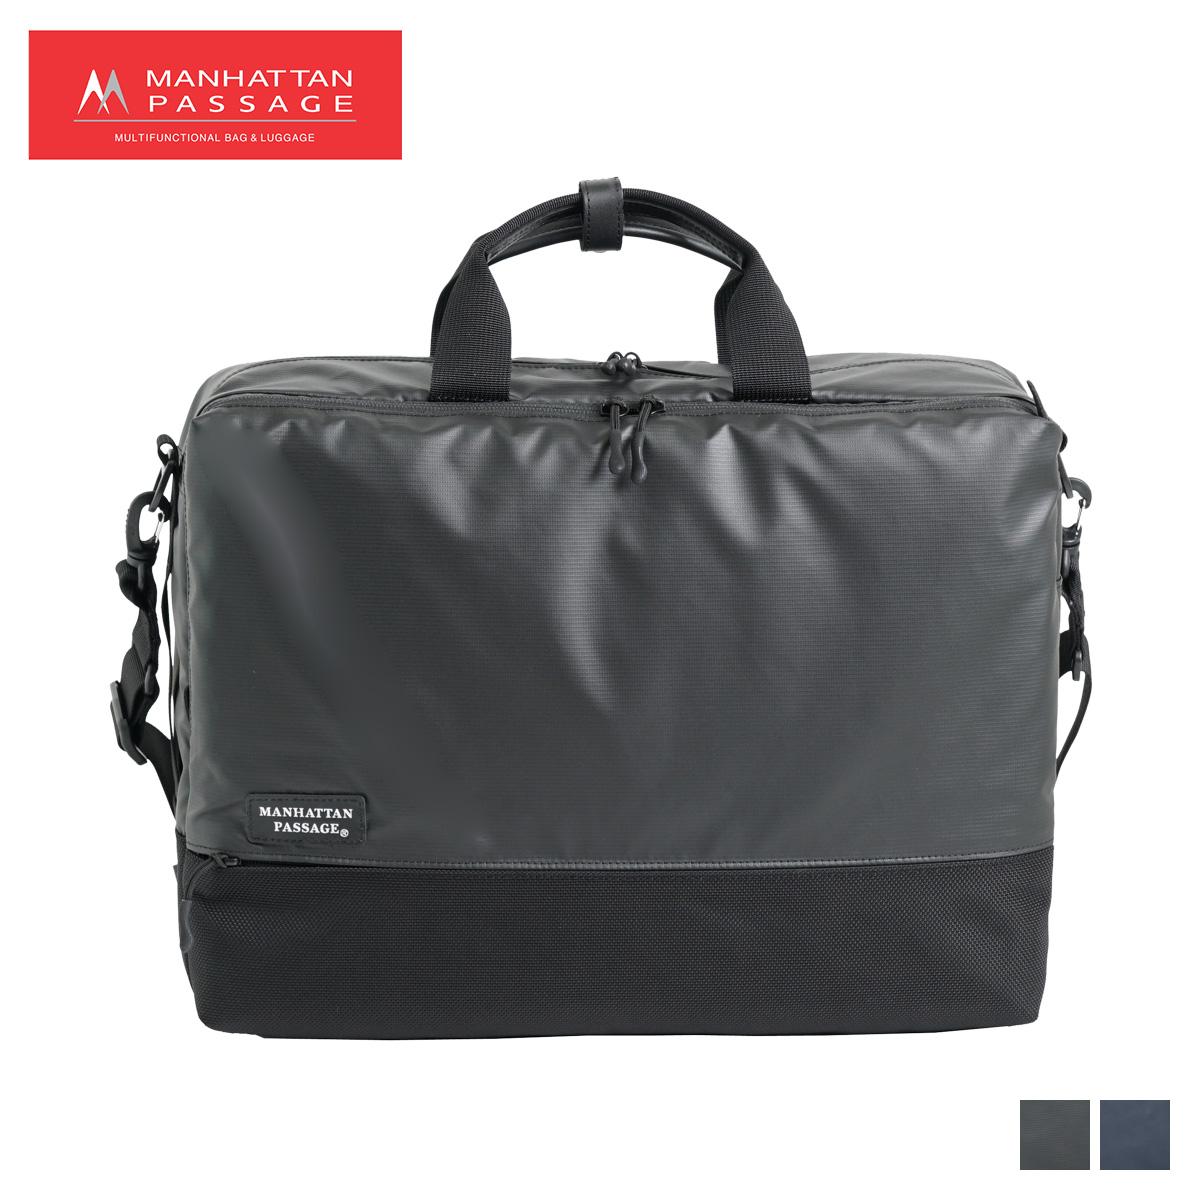 MANHATTAN PASSAGE マンハッタンパッセージ バッグ ショルダーバッグ ビジネスバッグ ブリーフケース メンズ 990L WELL ORGANIZED ブラック ネイビー 黒 3313 [4/10 新入荷]